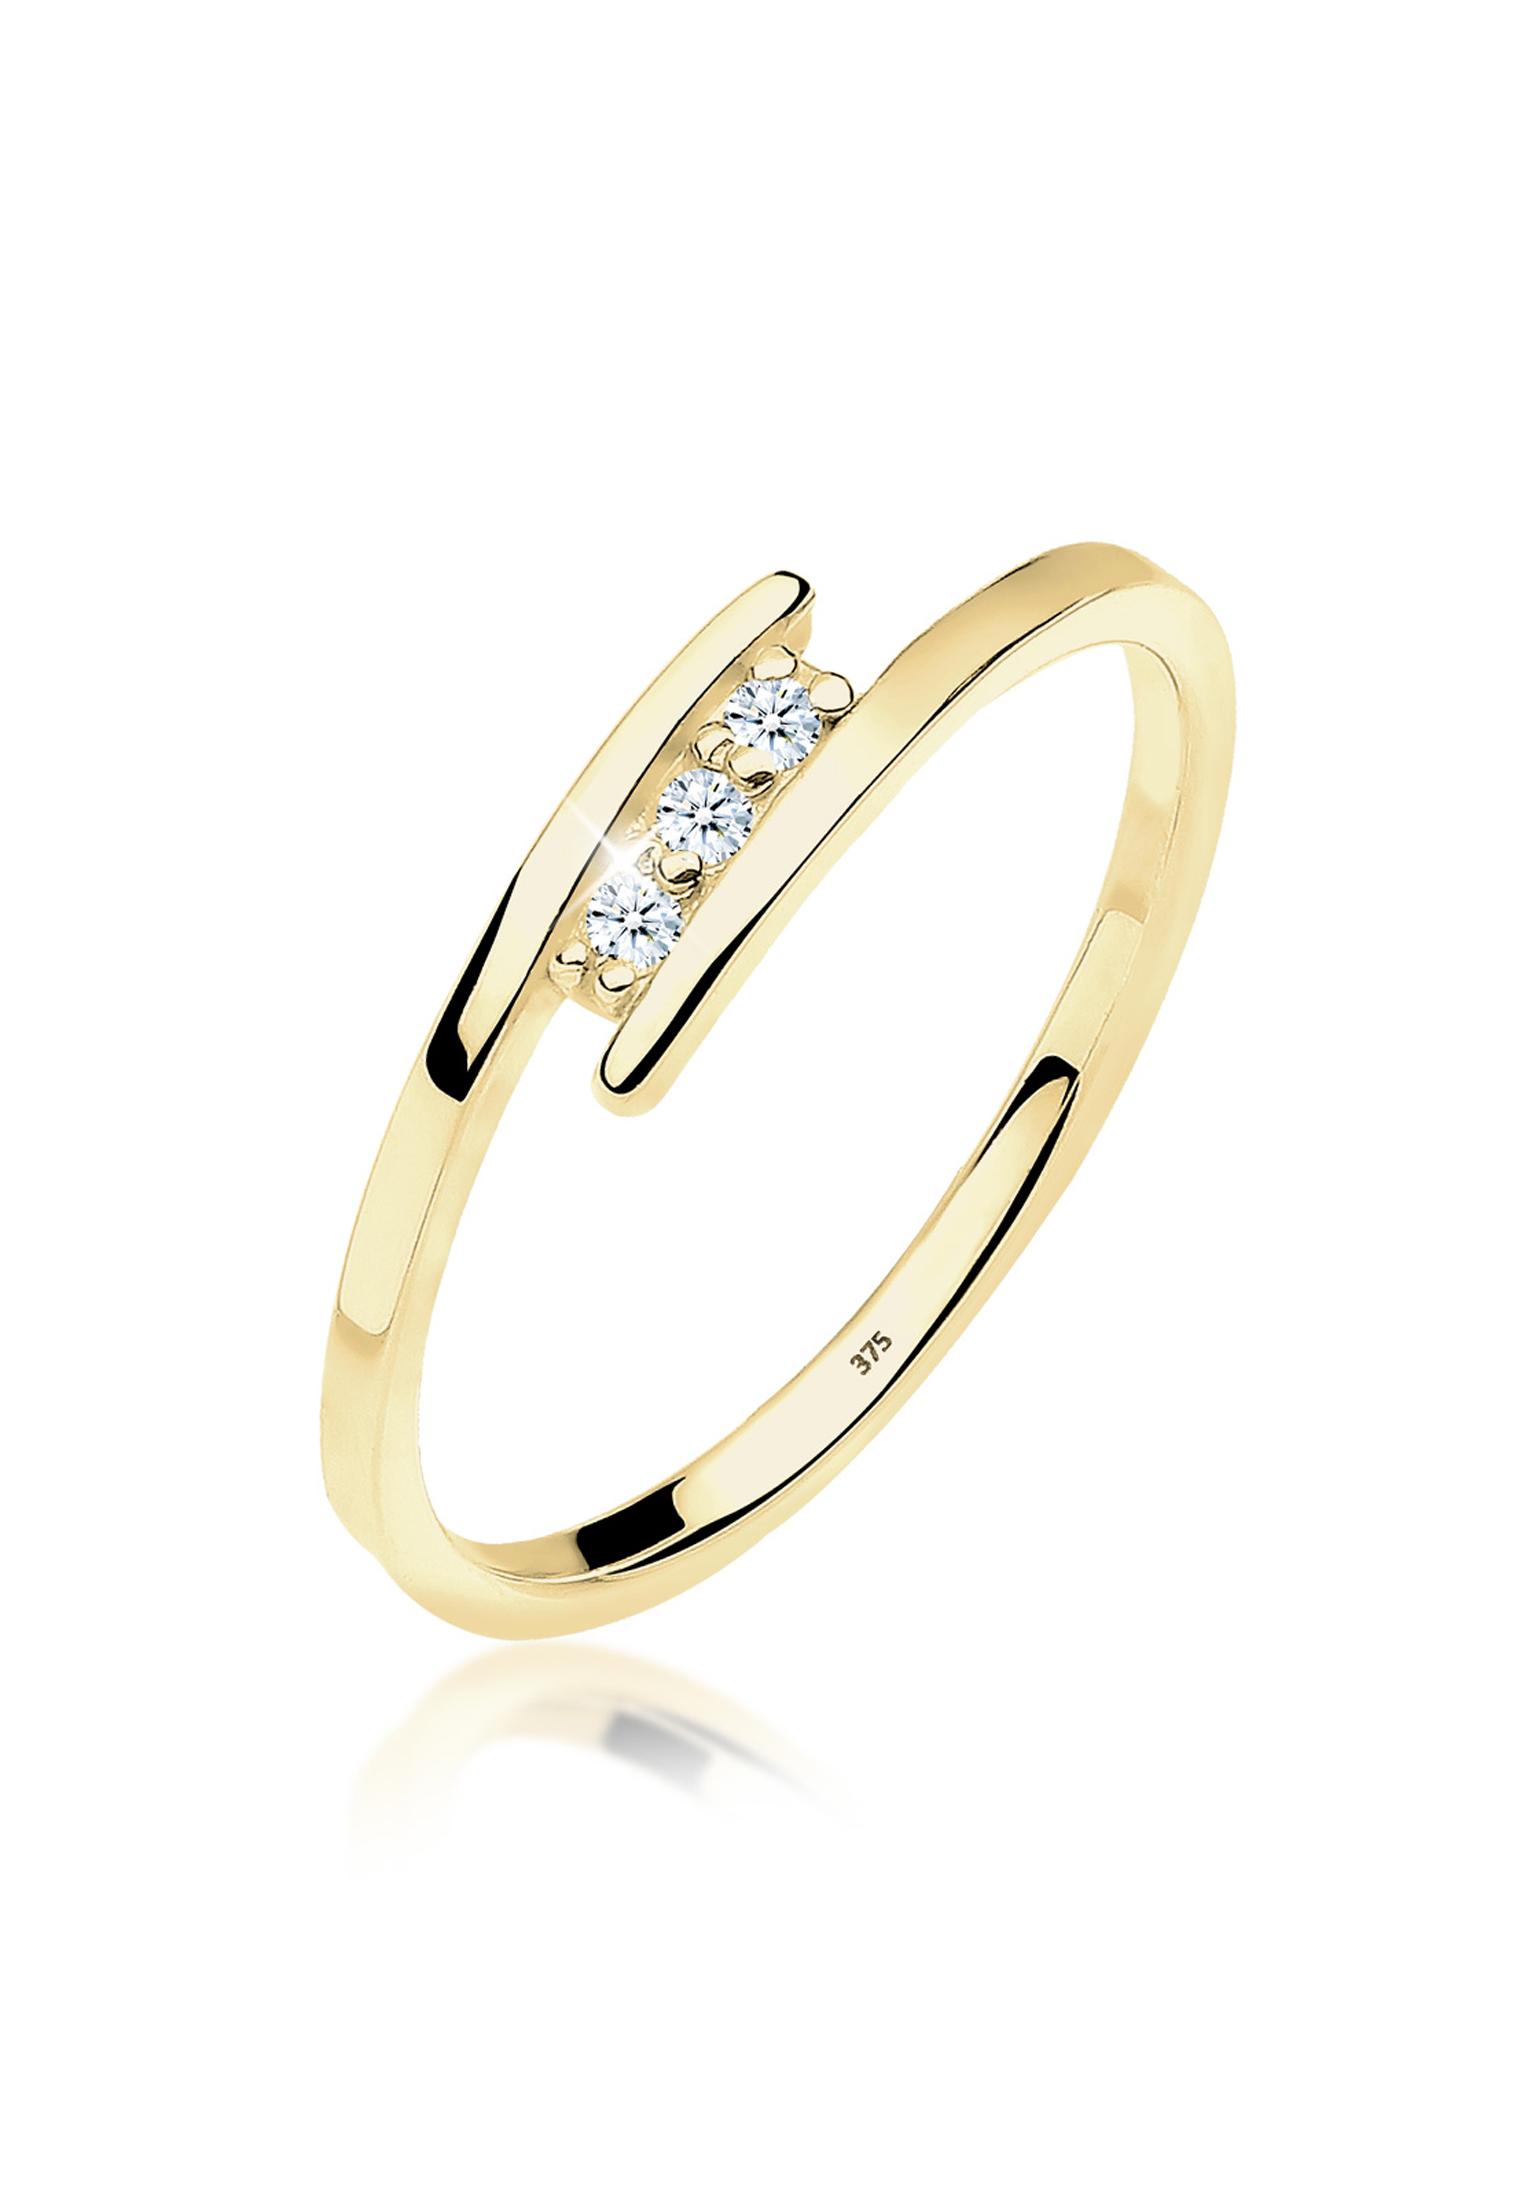 Solitär-Ring   Diamant ( Weiß, 0,045 ct )   375 Gelbgold